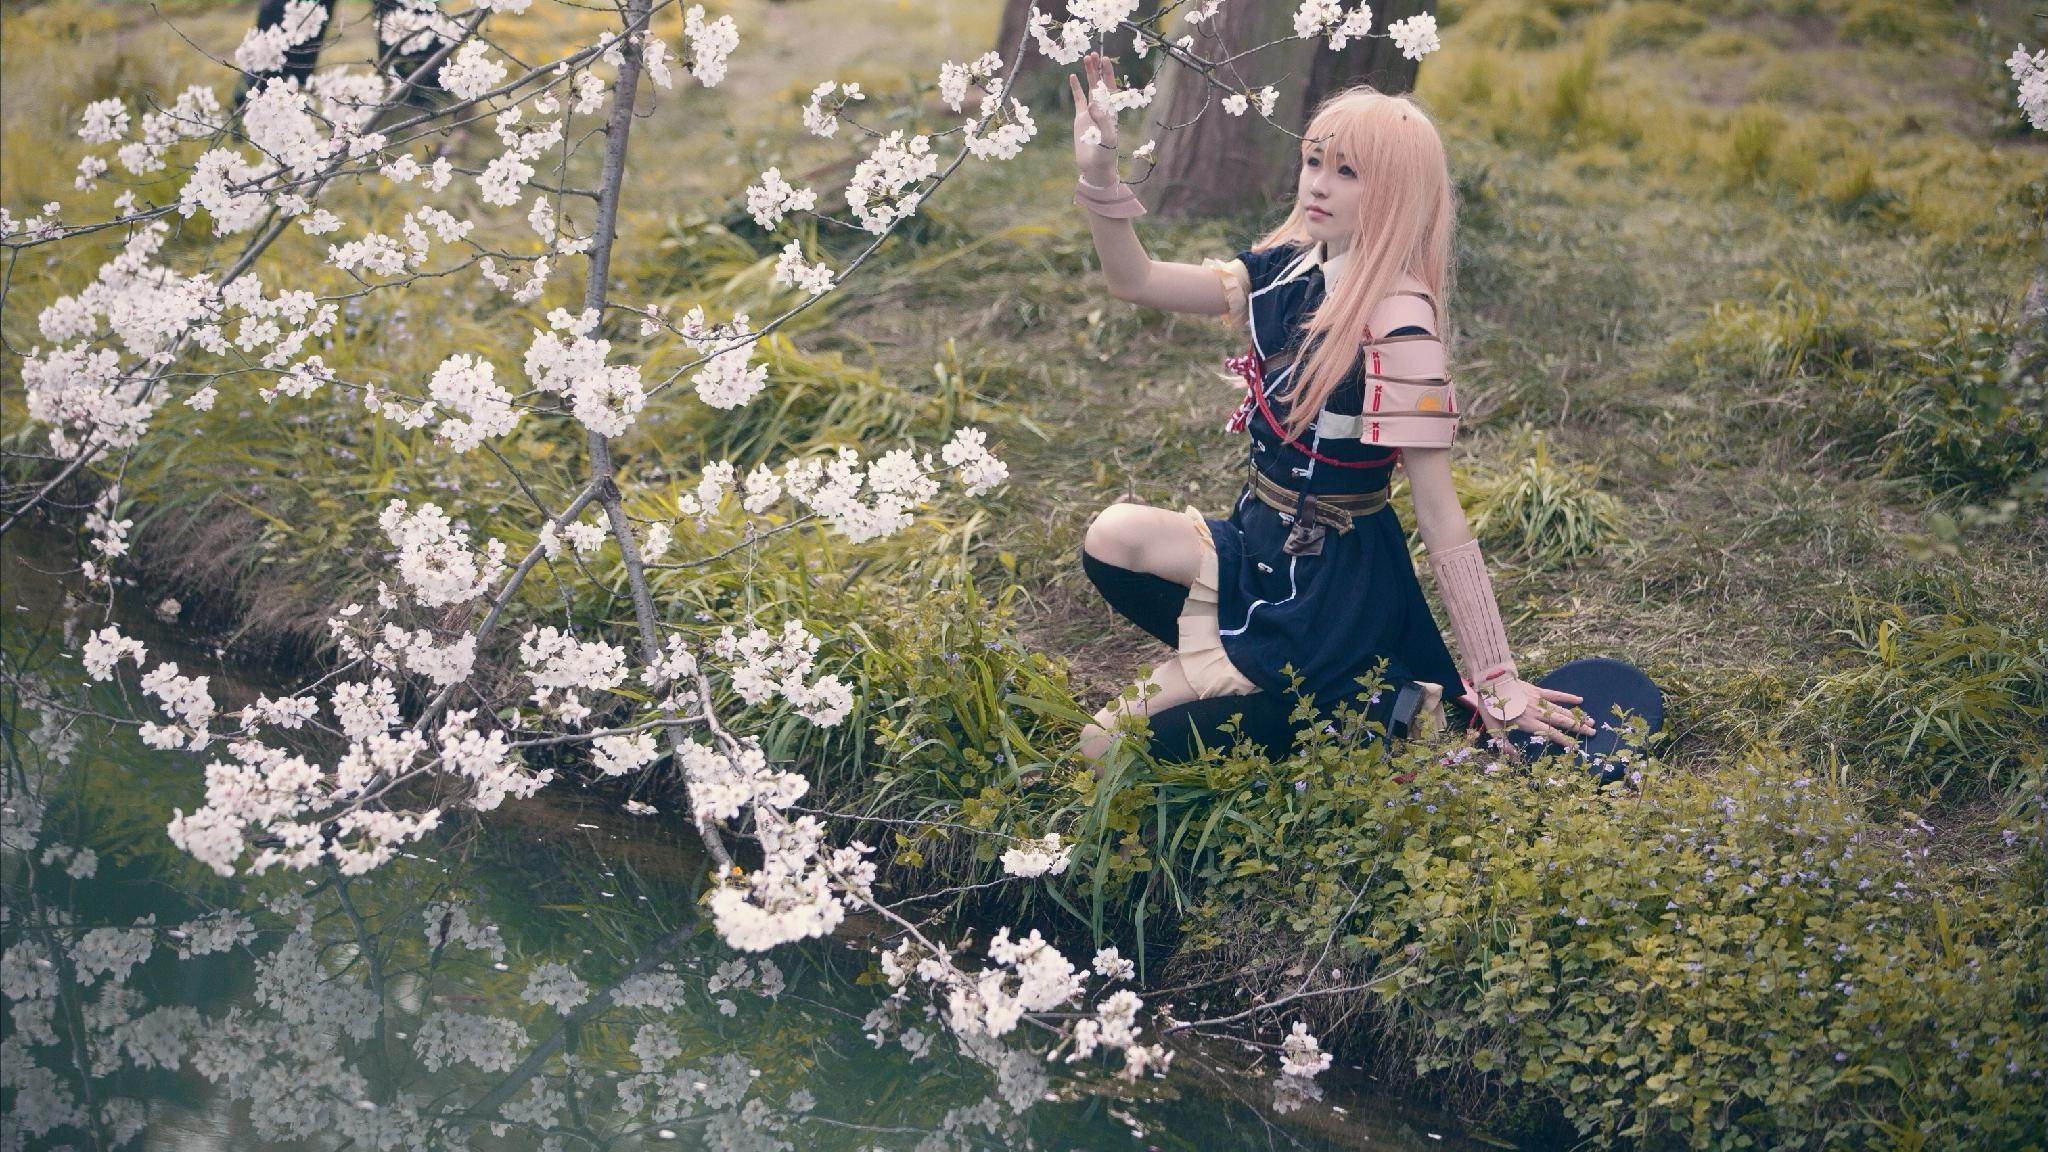 《刀剑乱舞》乱藤四郎cosplay【CN:绯茶】-第4张